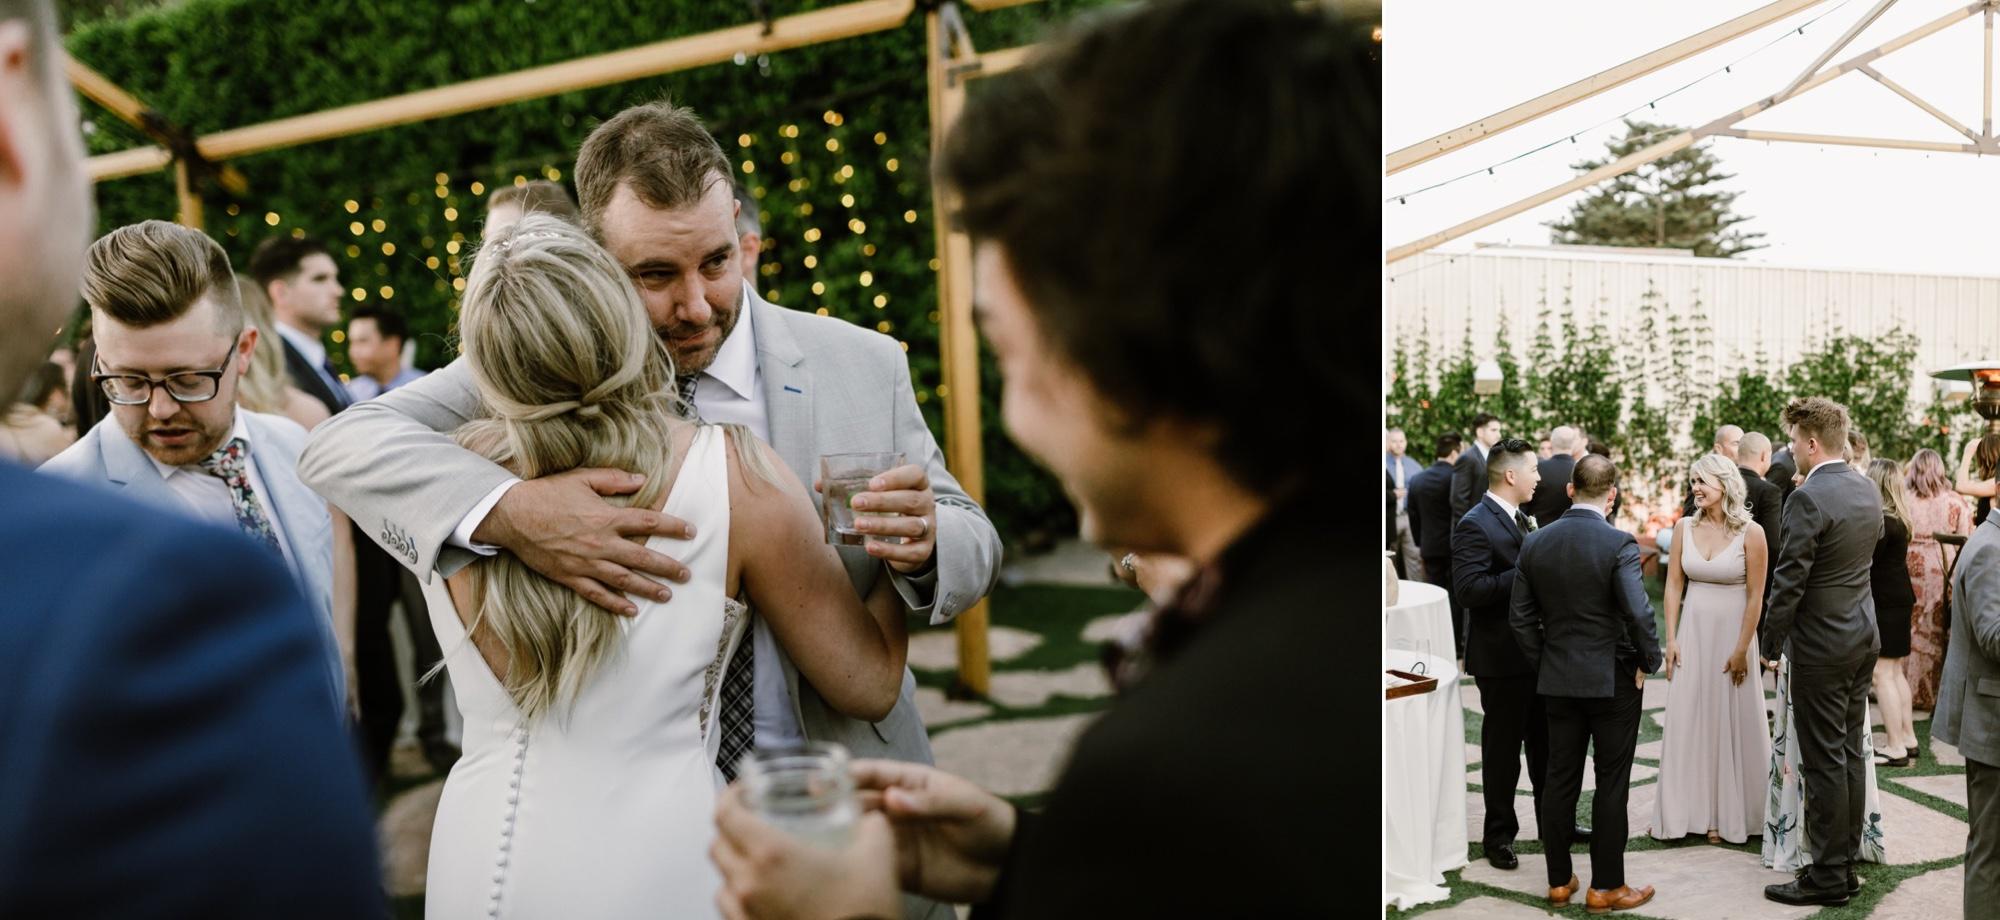 81_Ally and Tommy's Wedding-210_Ally and Tommy's Wedding-212.jpg